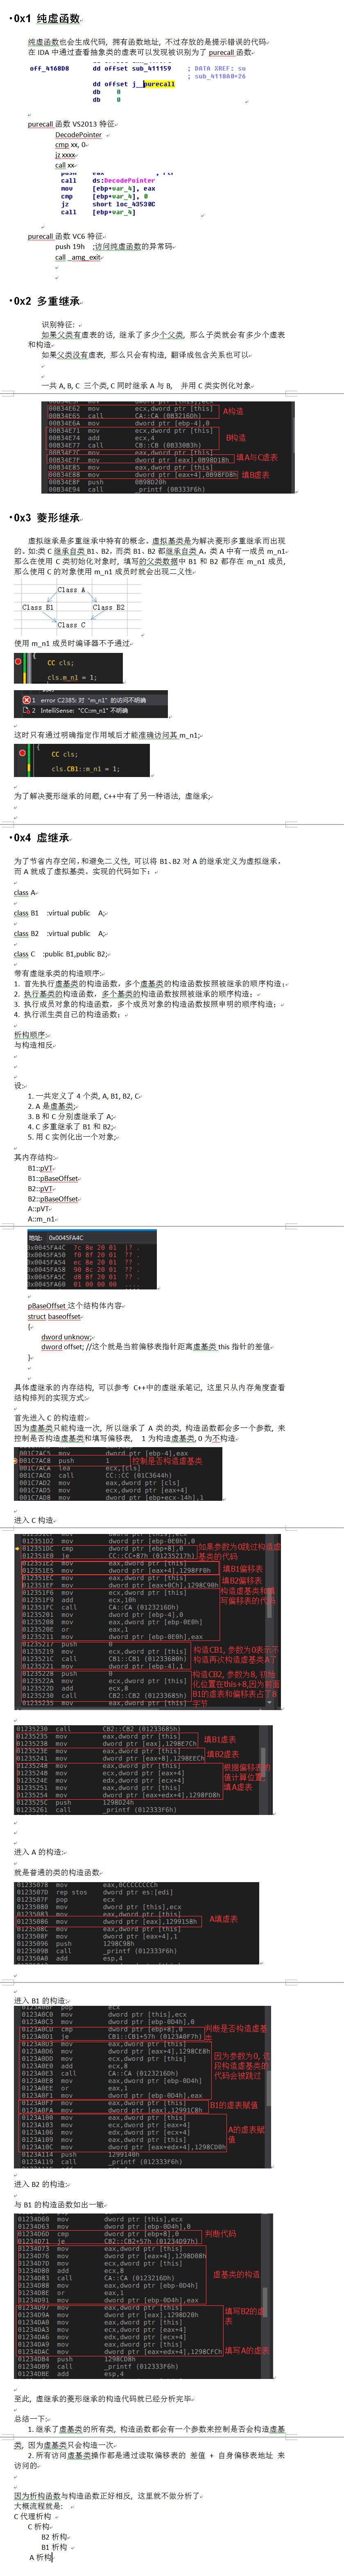 纯虚函数-多继承-菱形继承-虚继承.png